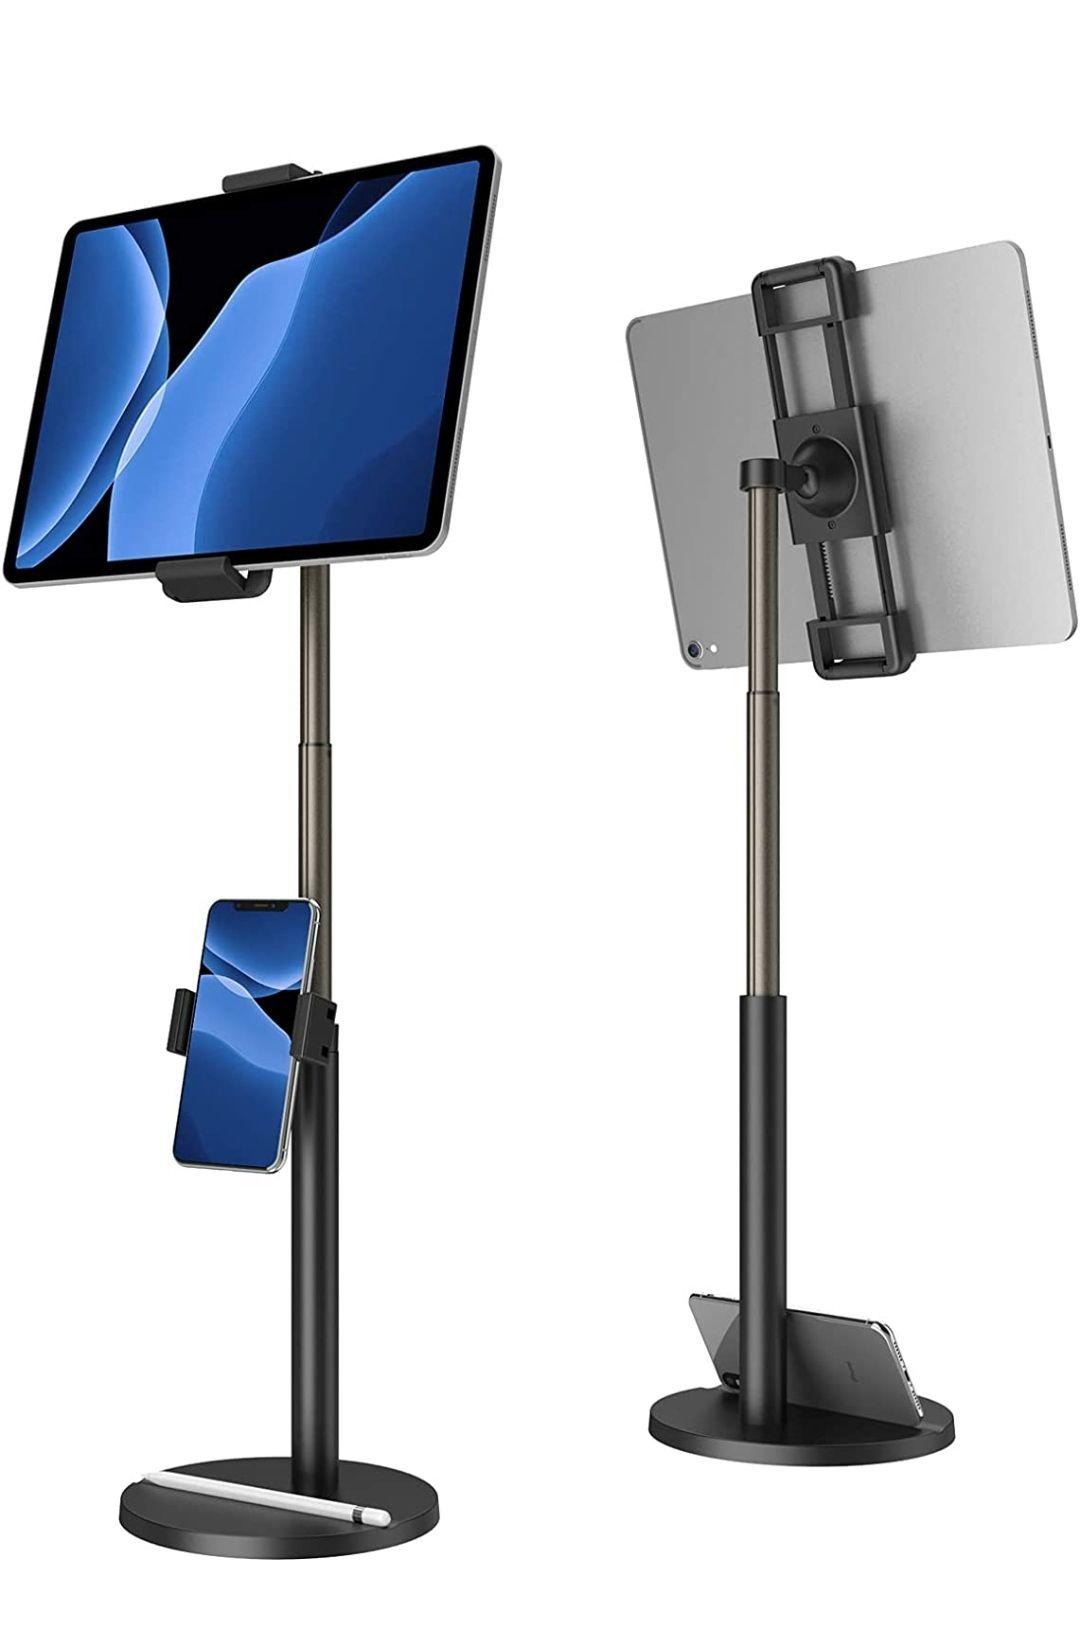 Supporto Tablet con Supporto Cellulare Regolabile in Altezza